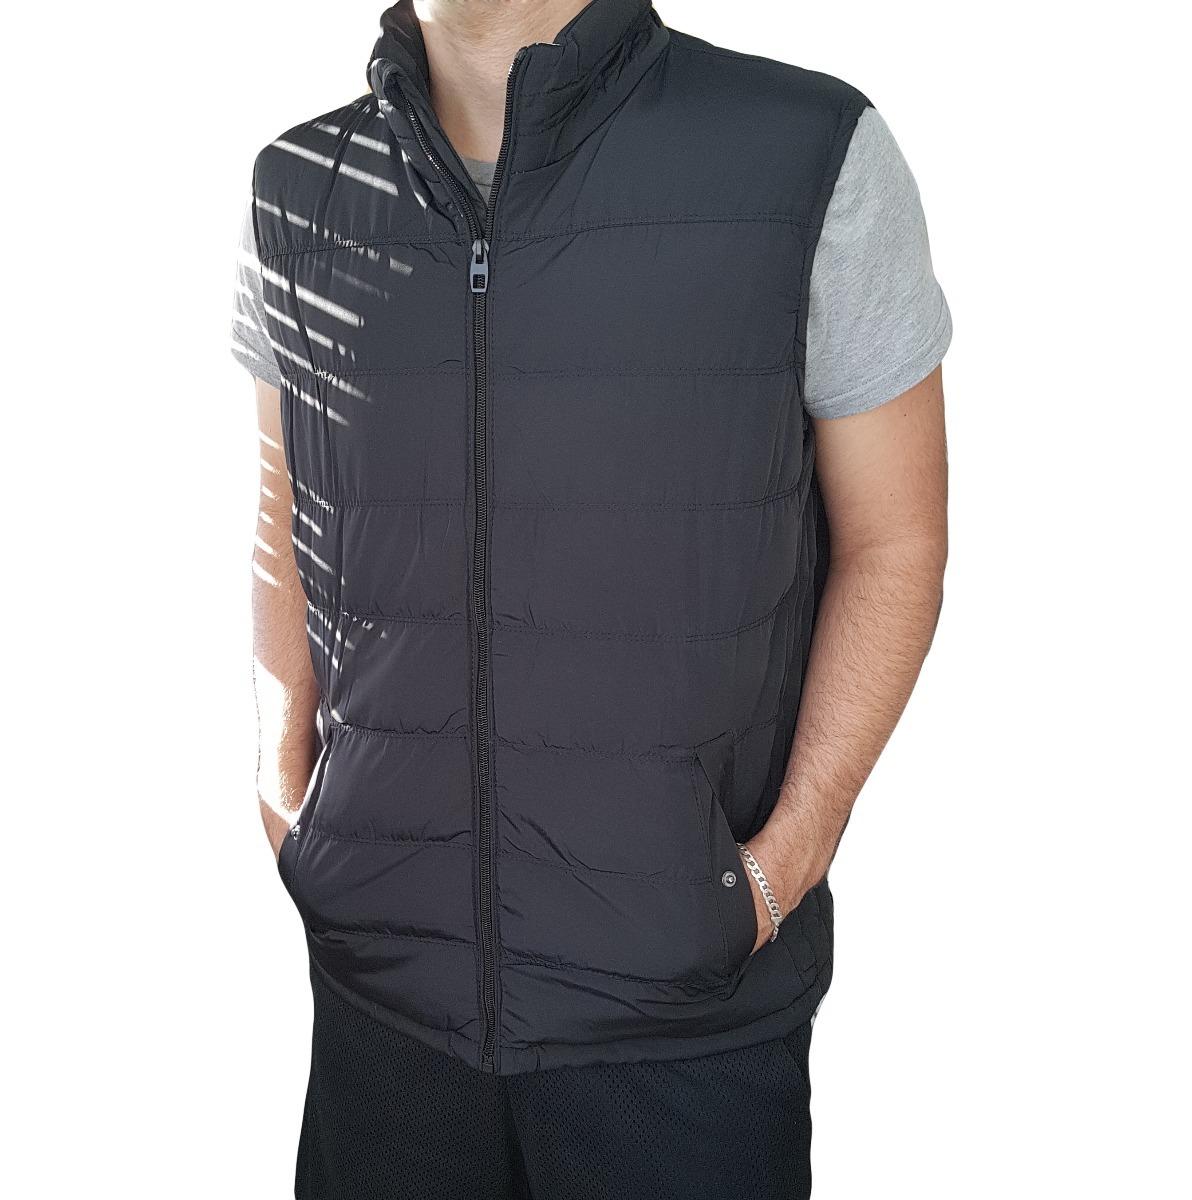 0328544528257 colete masculino esportivo nylon moda inverno promocional. Carregando zoom.